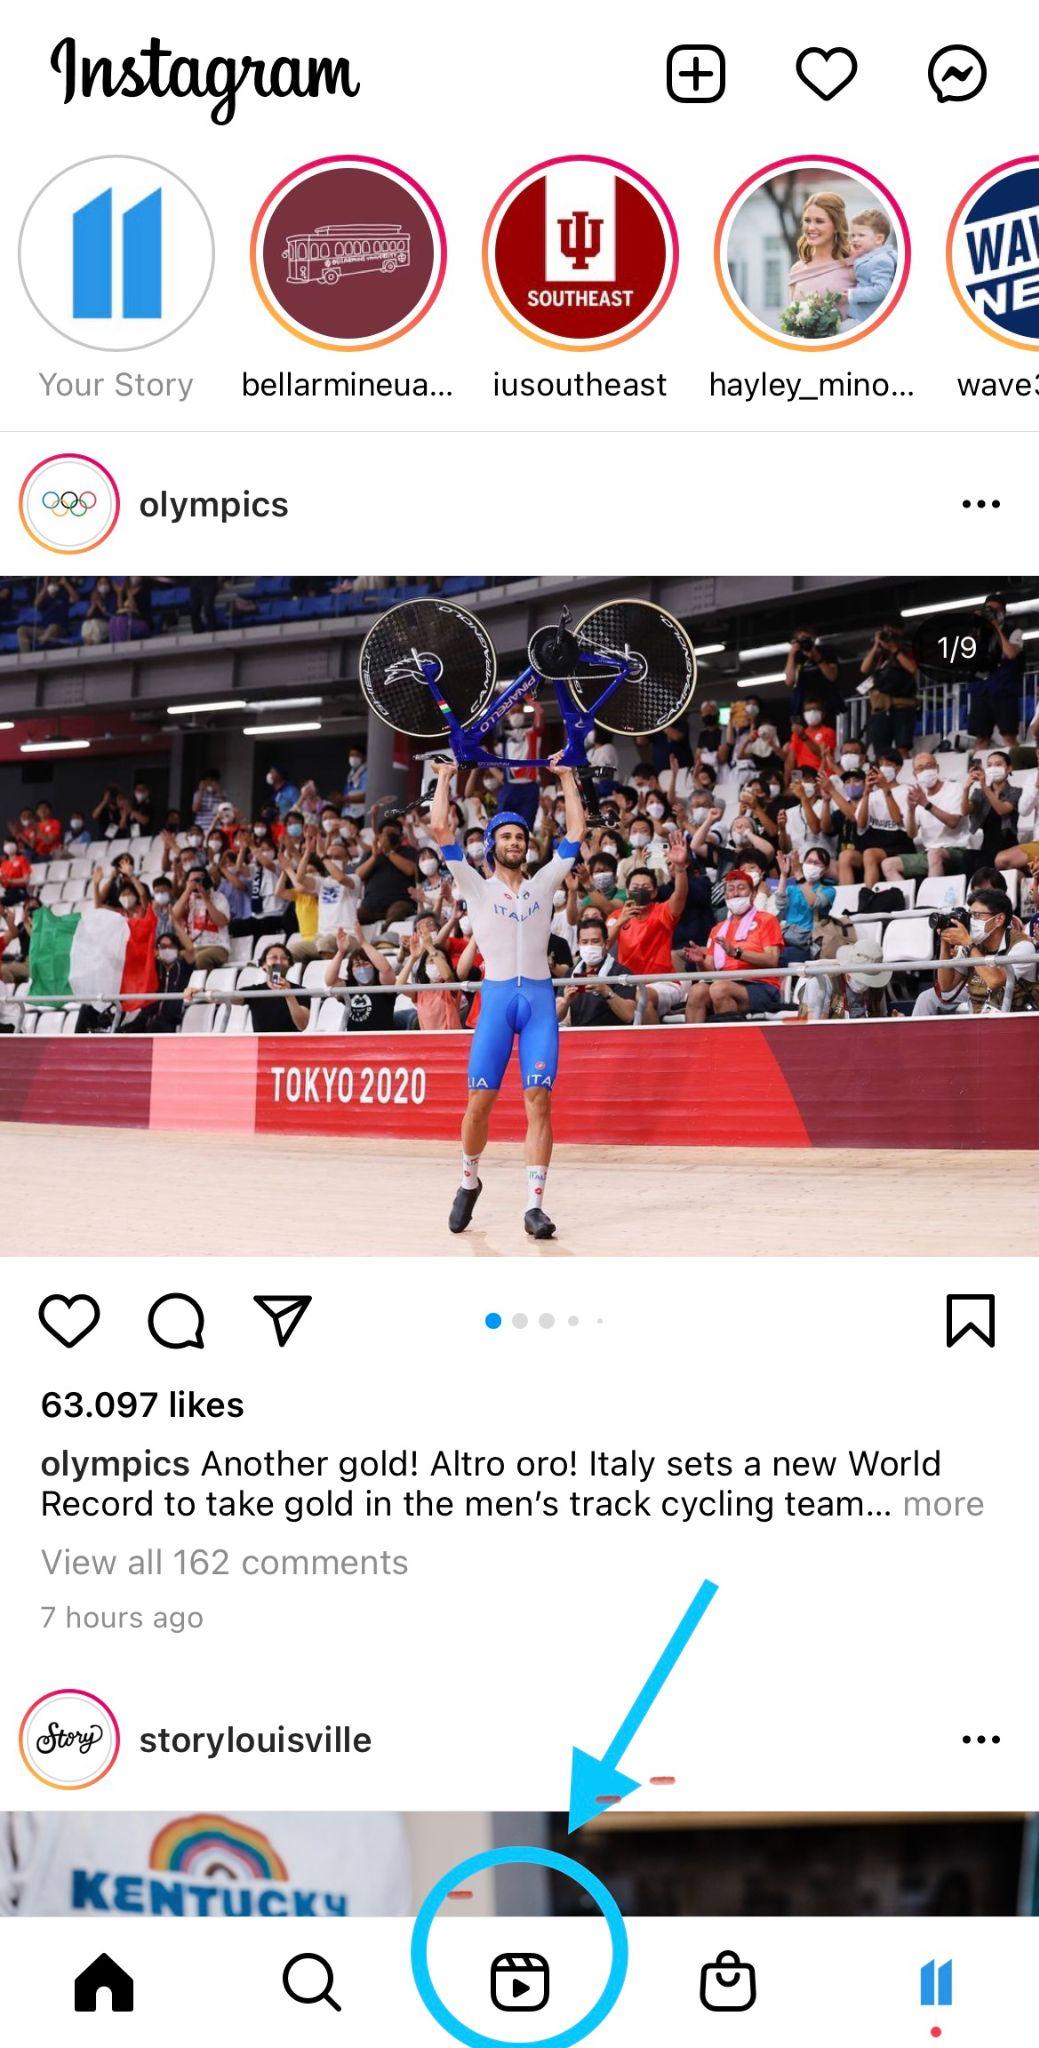 Instagram Reels example 1